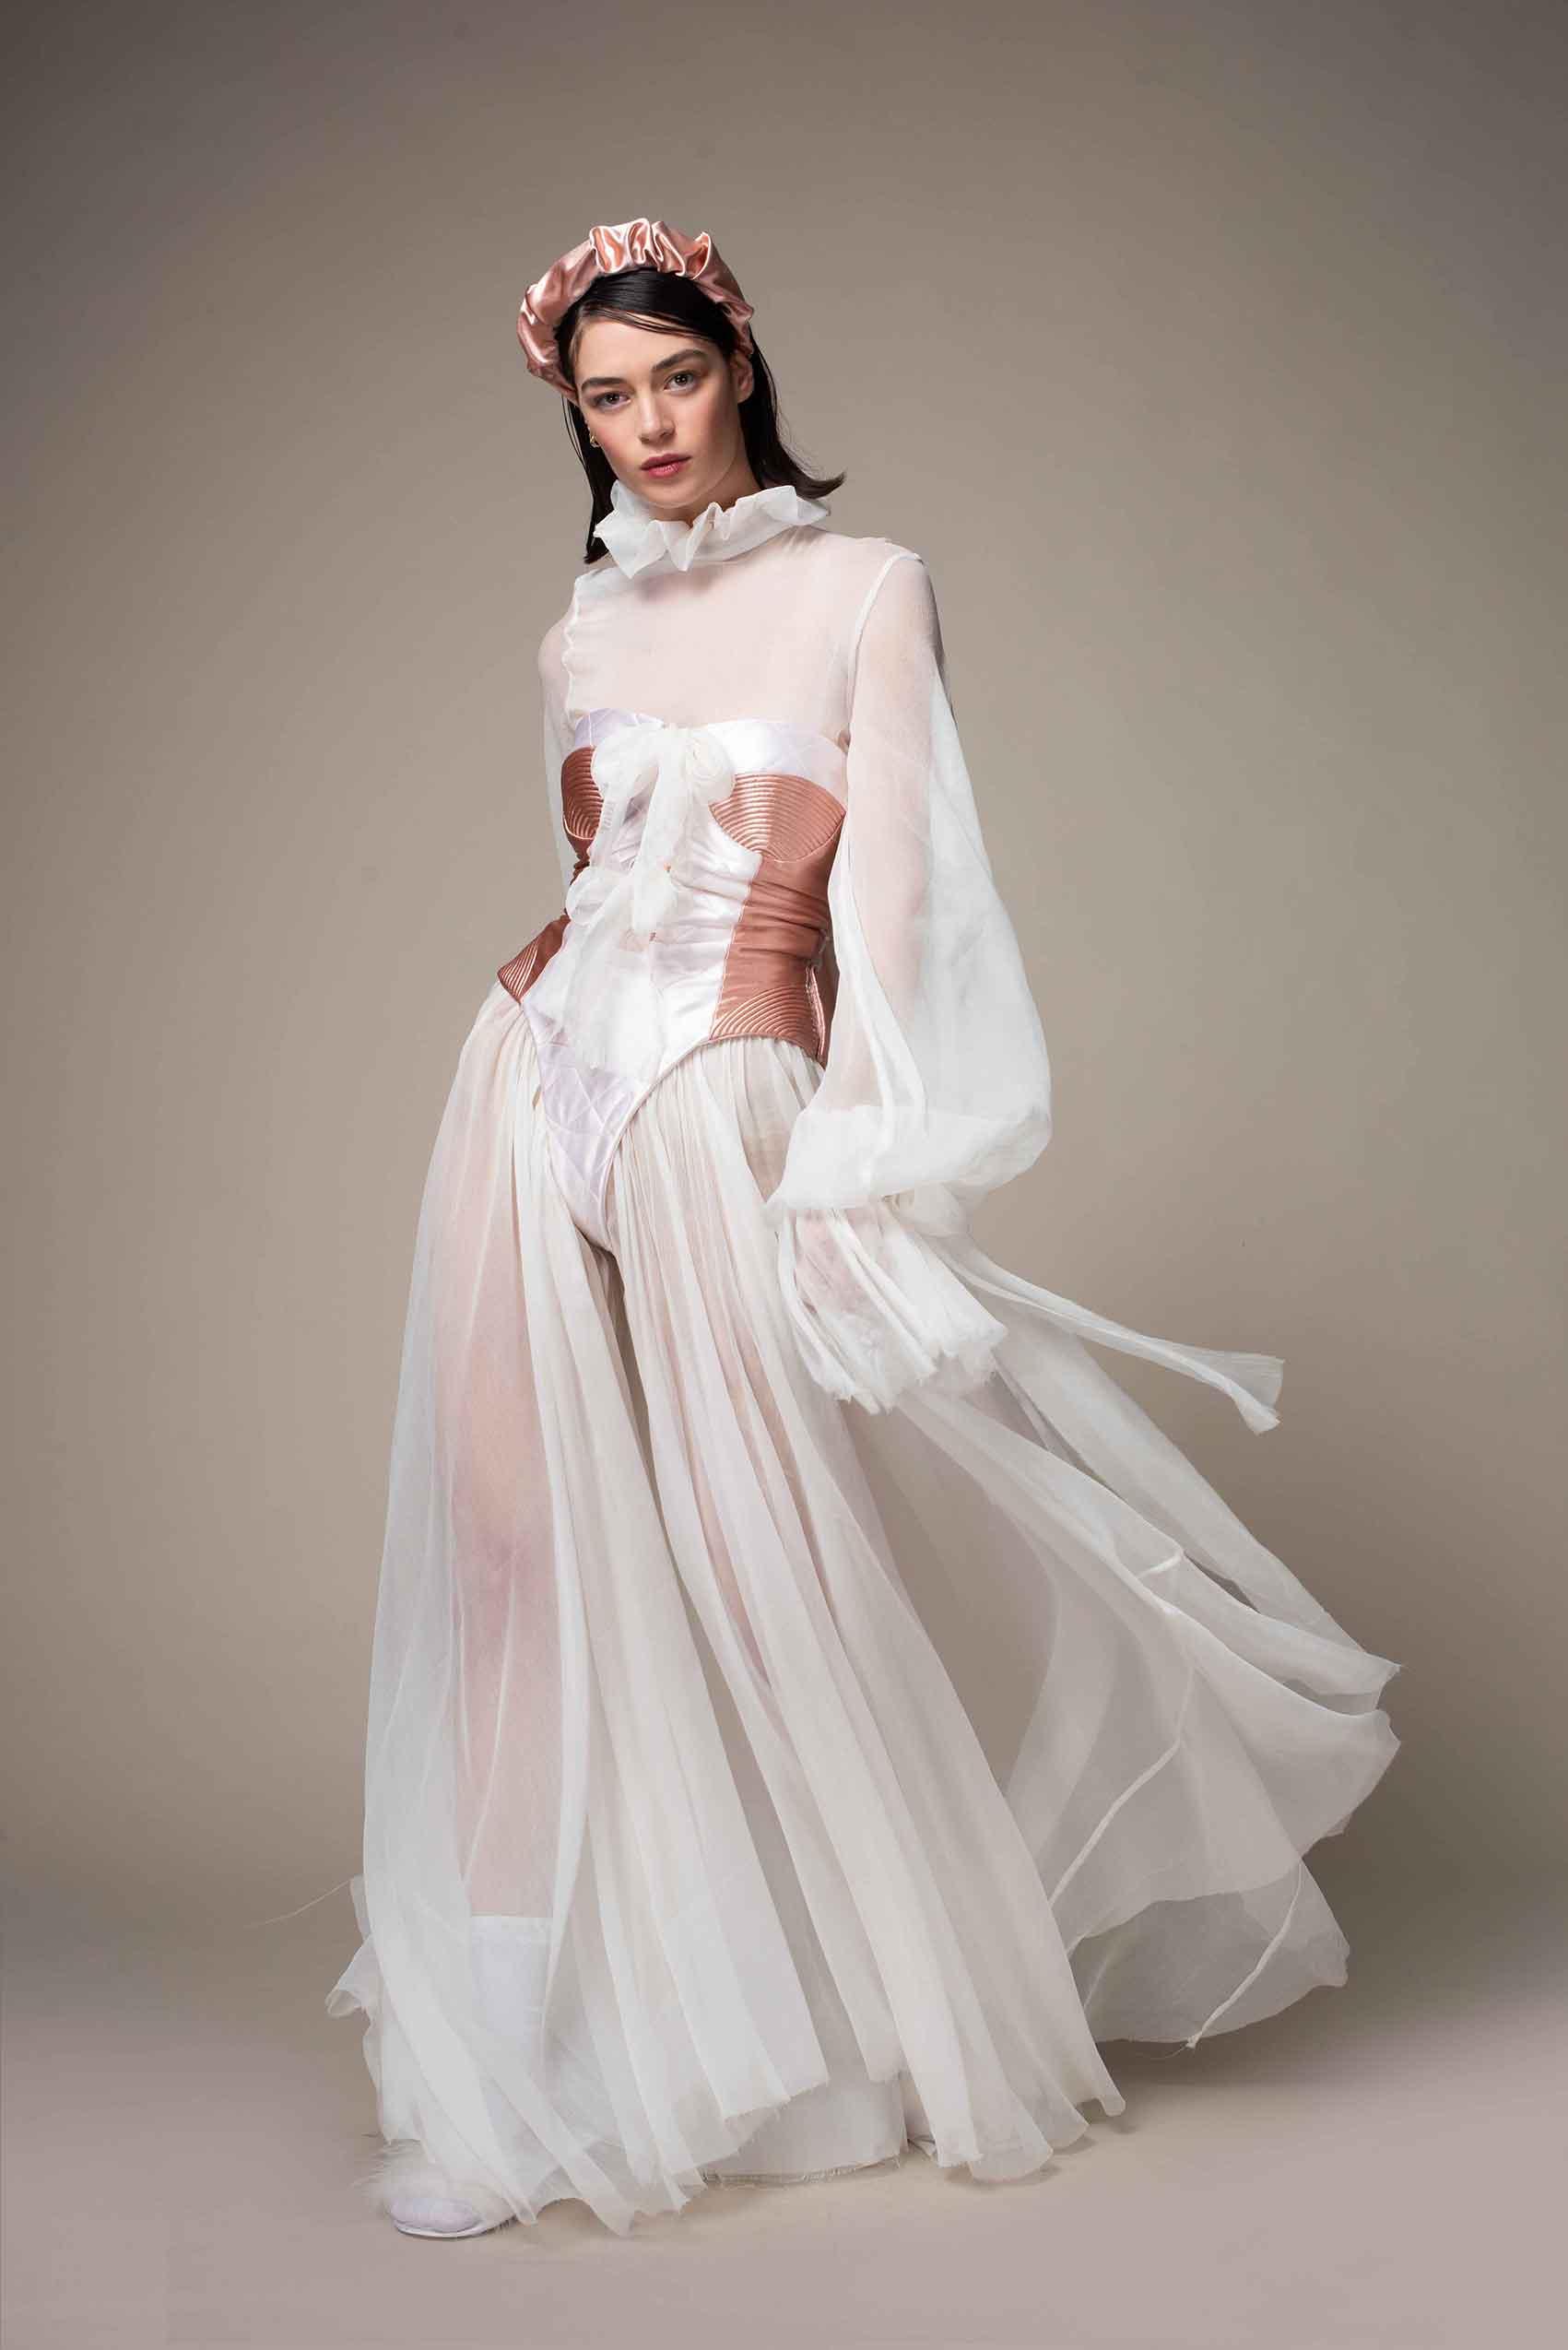 אין-דהאן-קולקציית-גמר-שנקר-2020-כתבות-אופנה-מגזין-אופנה